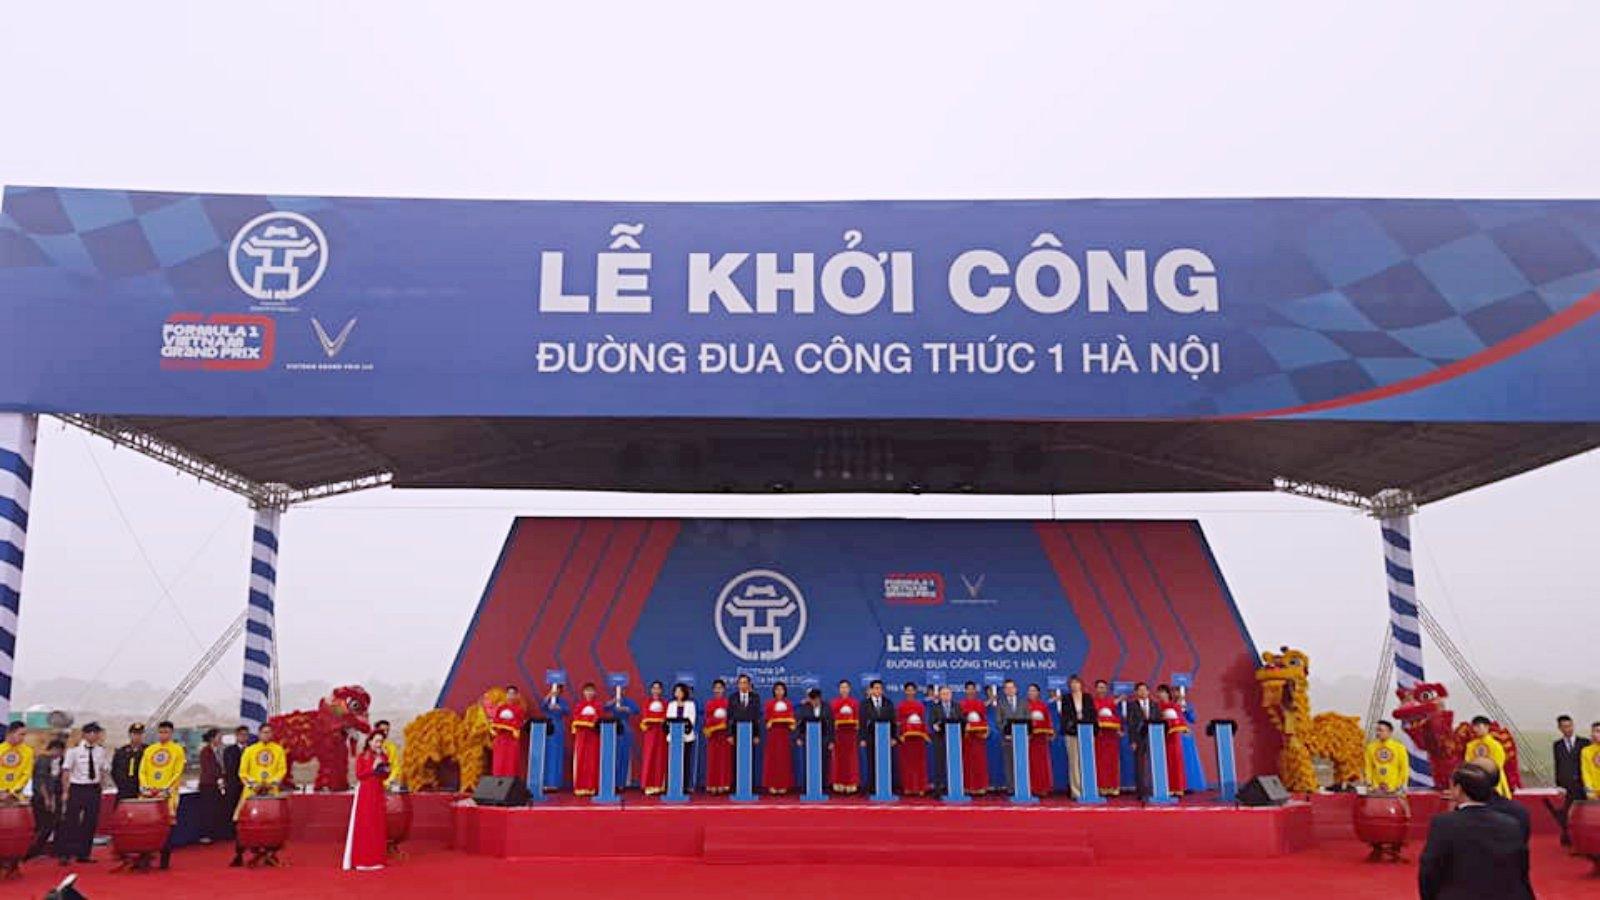 Đường đua công thức 1 Hà Nội chính thức được khởi công sáng nay: Cơ hội nào cho Hà Nội khi đăng cai giải đua xe công thức 1? (20/3/2019)